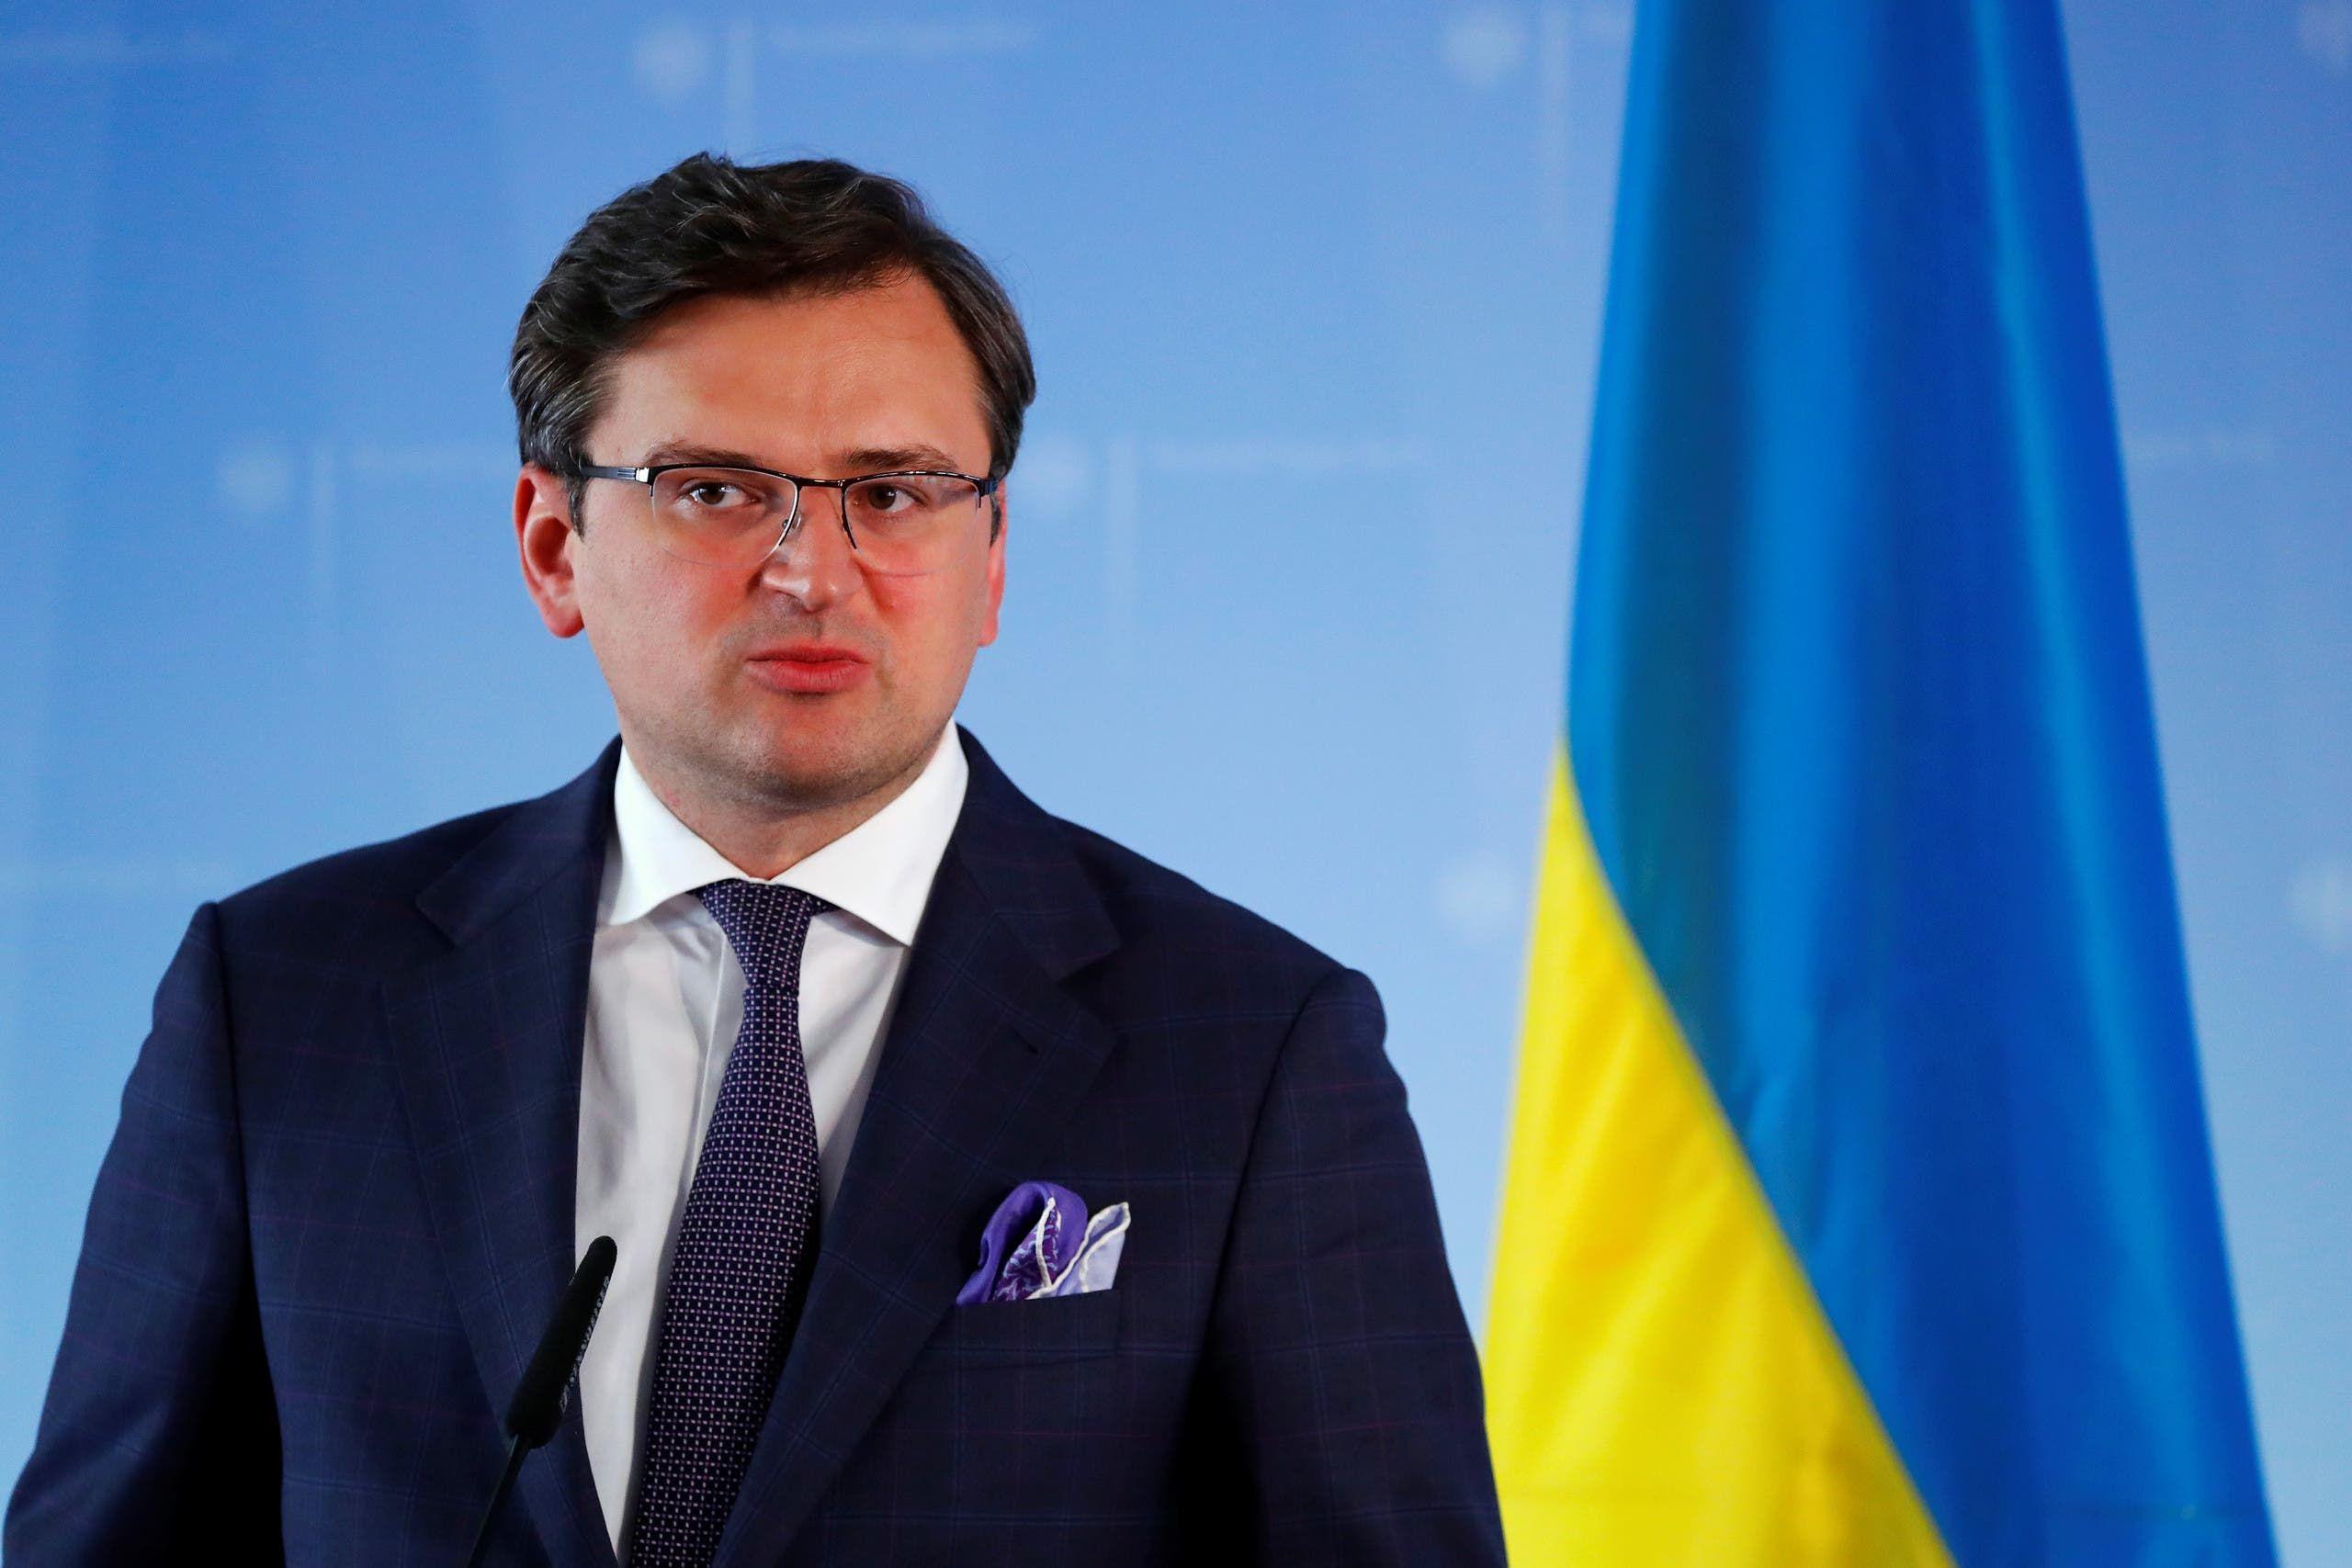 وزير الخارجية الأوكراني دميترو كوليبا